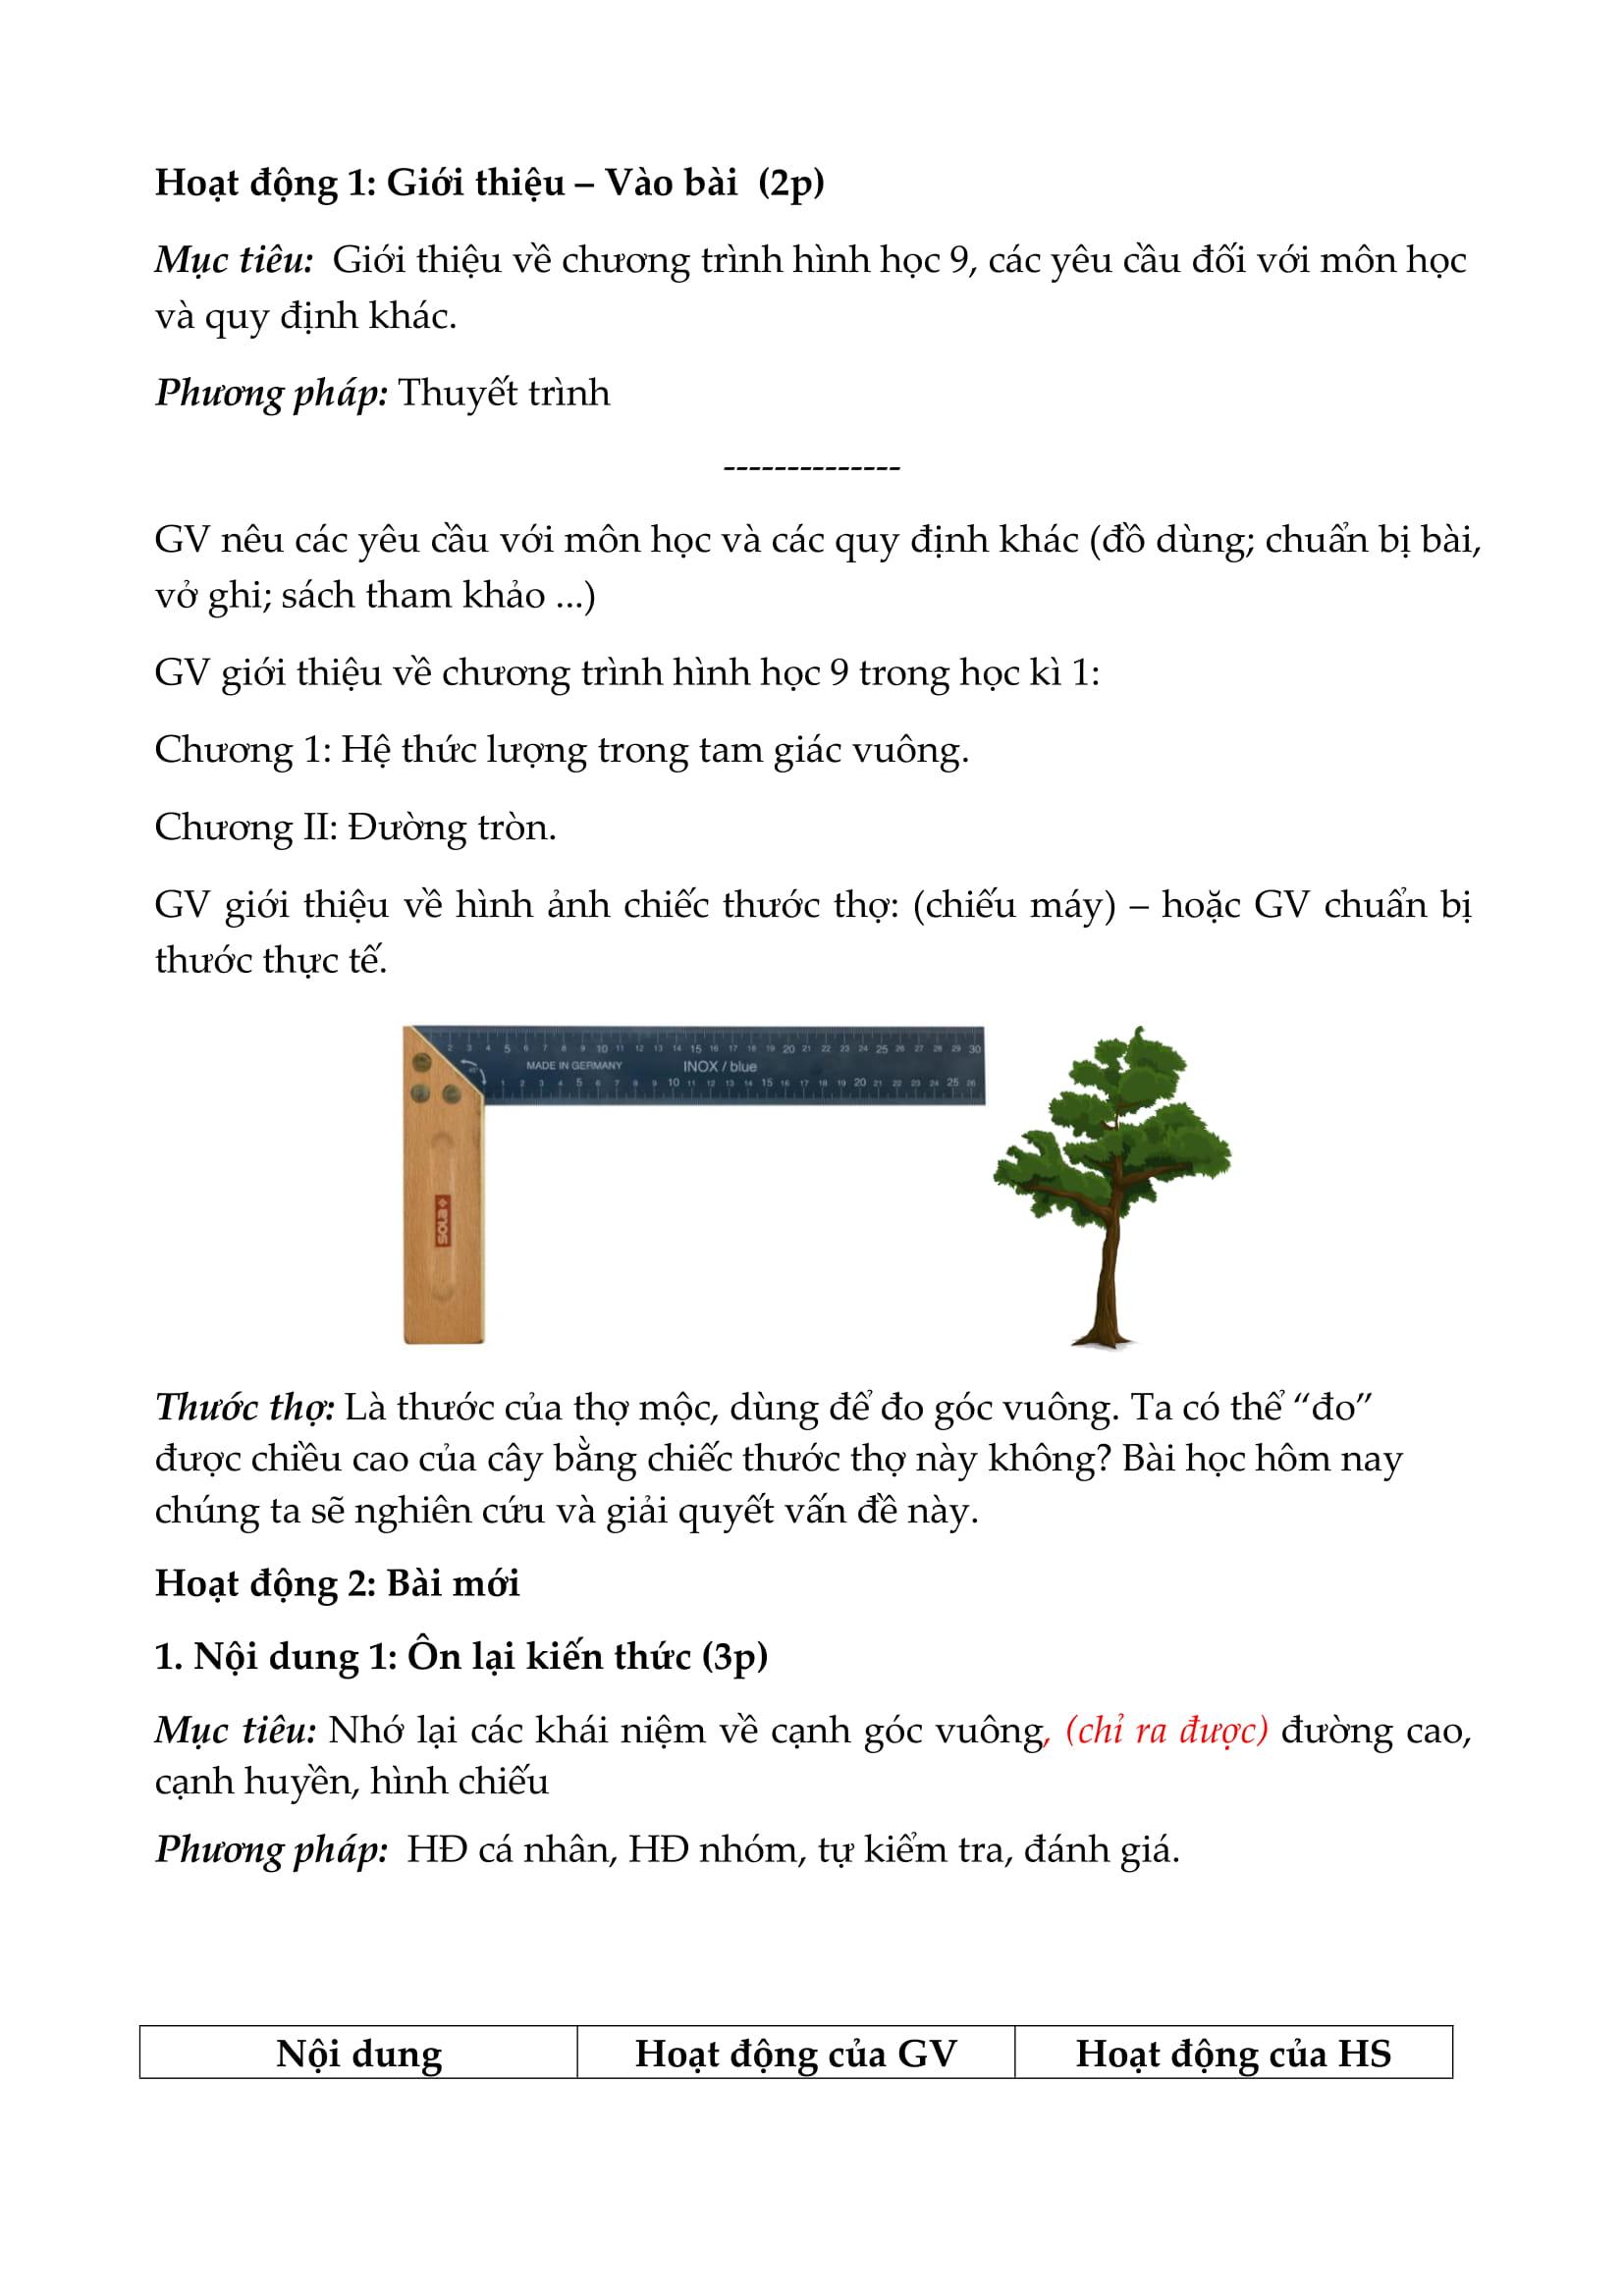 Bài giảng Toán 9 theo chuyên đề - Bản Word